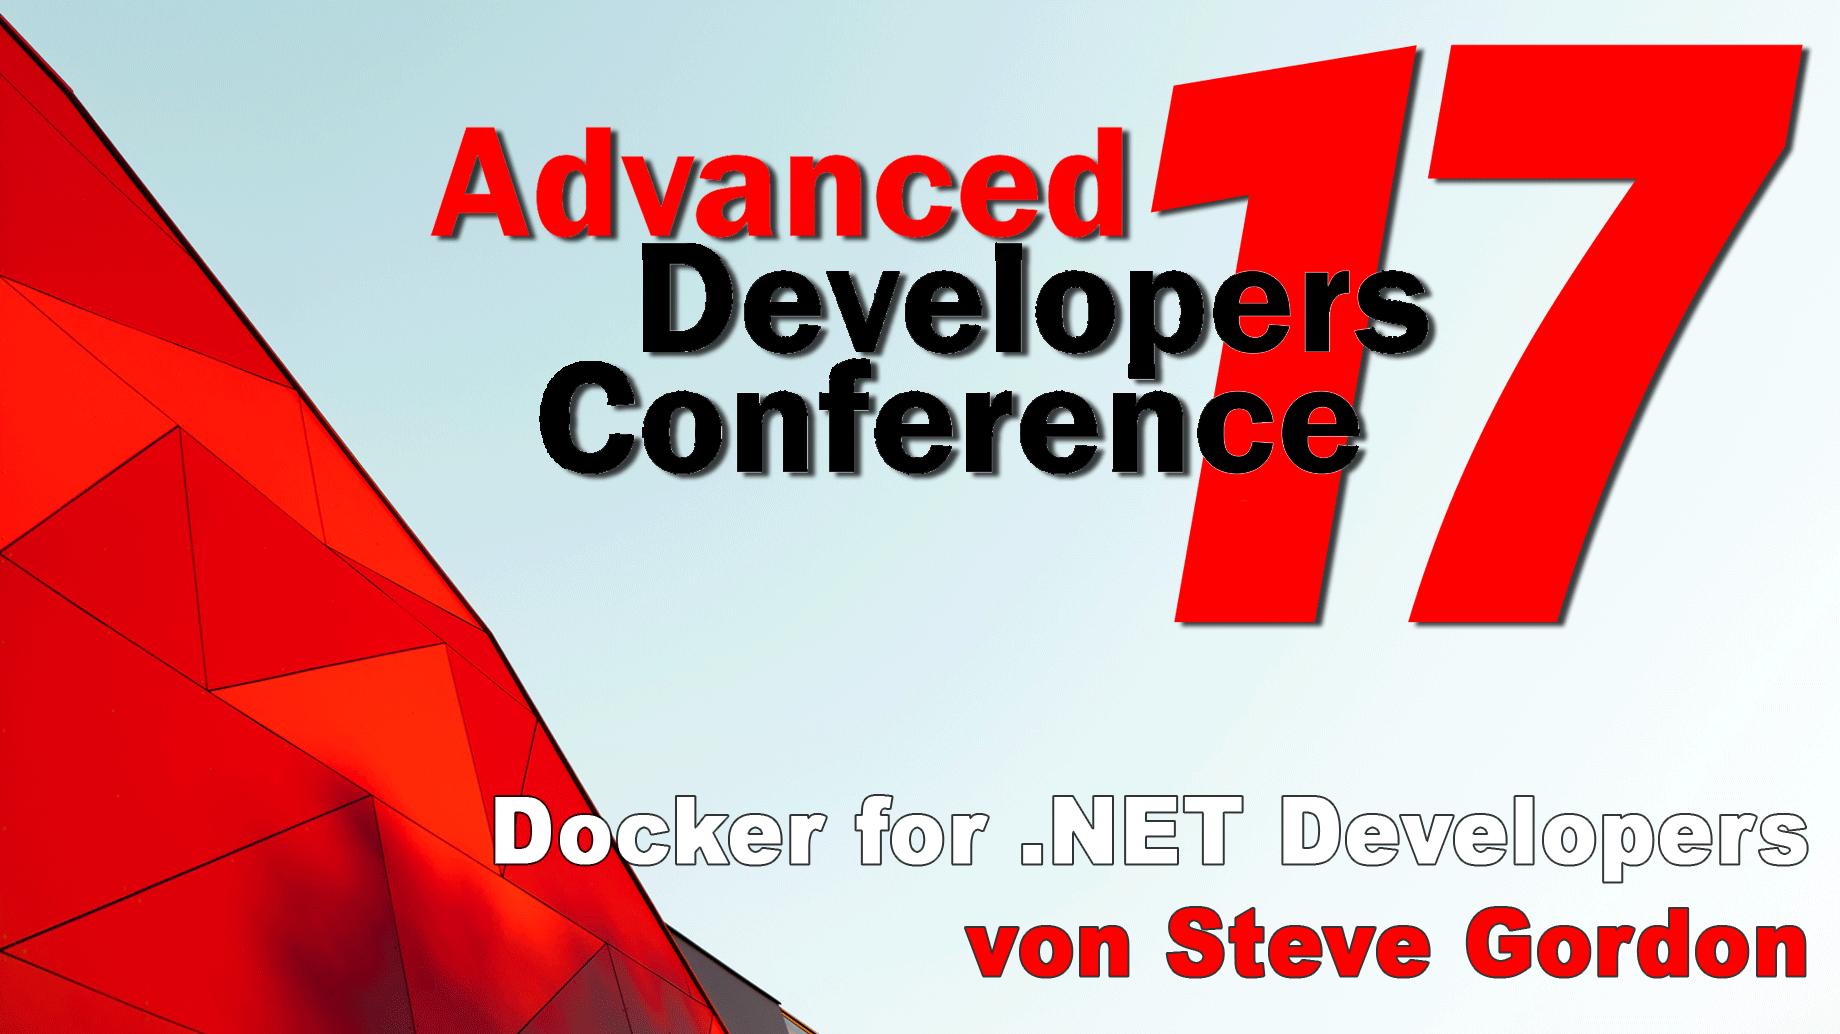 2017/ADCpp/Vortrag2-Docker-NET-Developers-SteveGordon